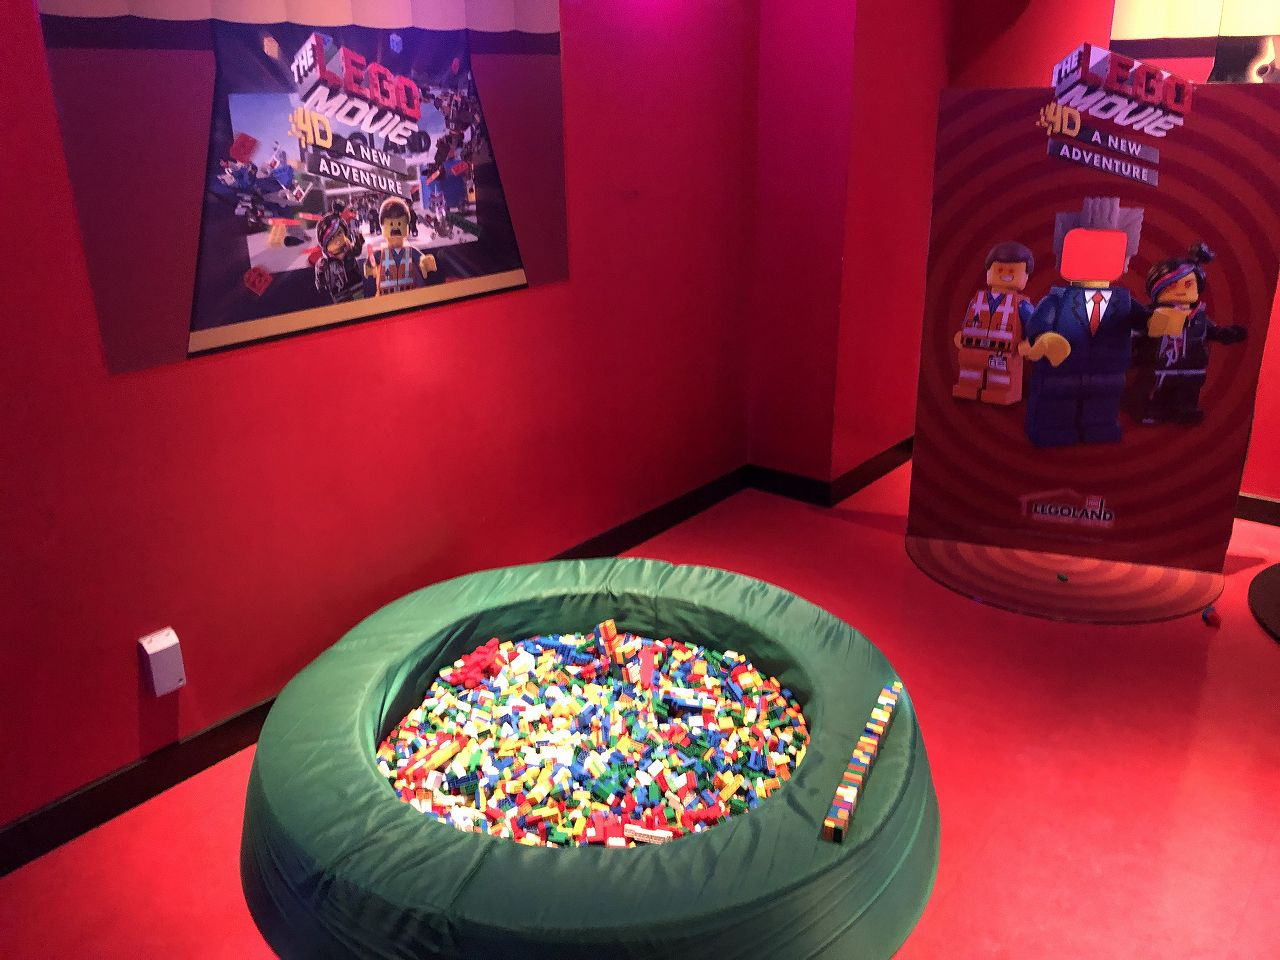 4Dシネマの待ち時間もレゴで遊べる